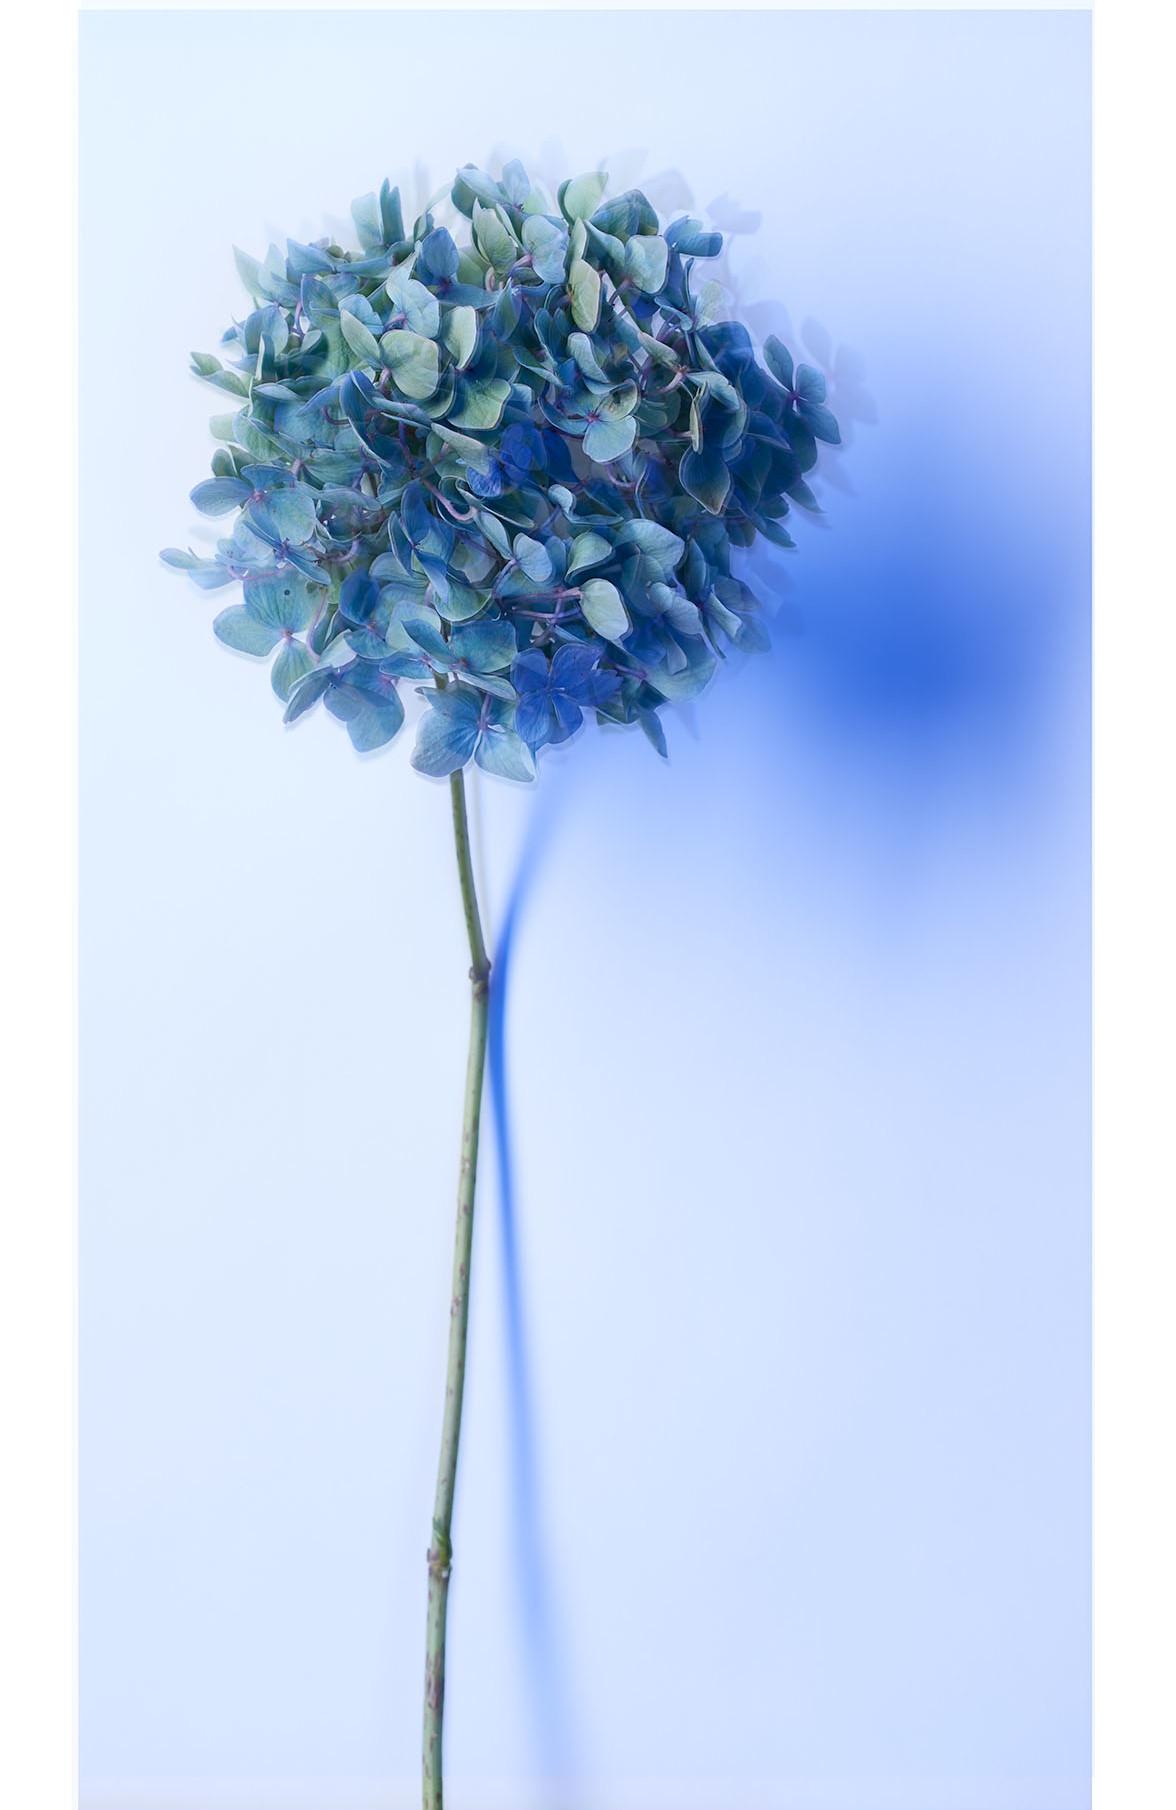 Hydrangea Flower - août 2016